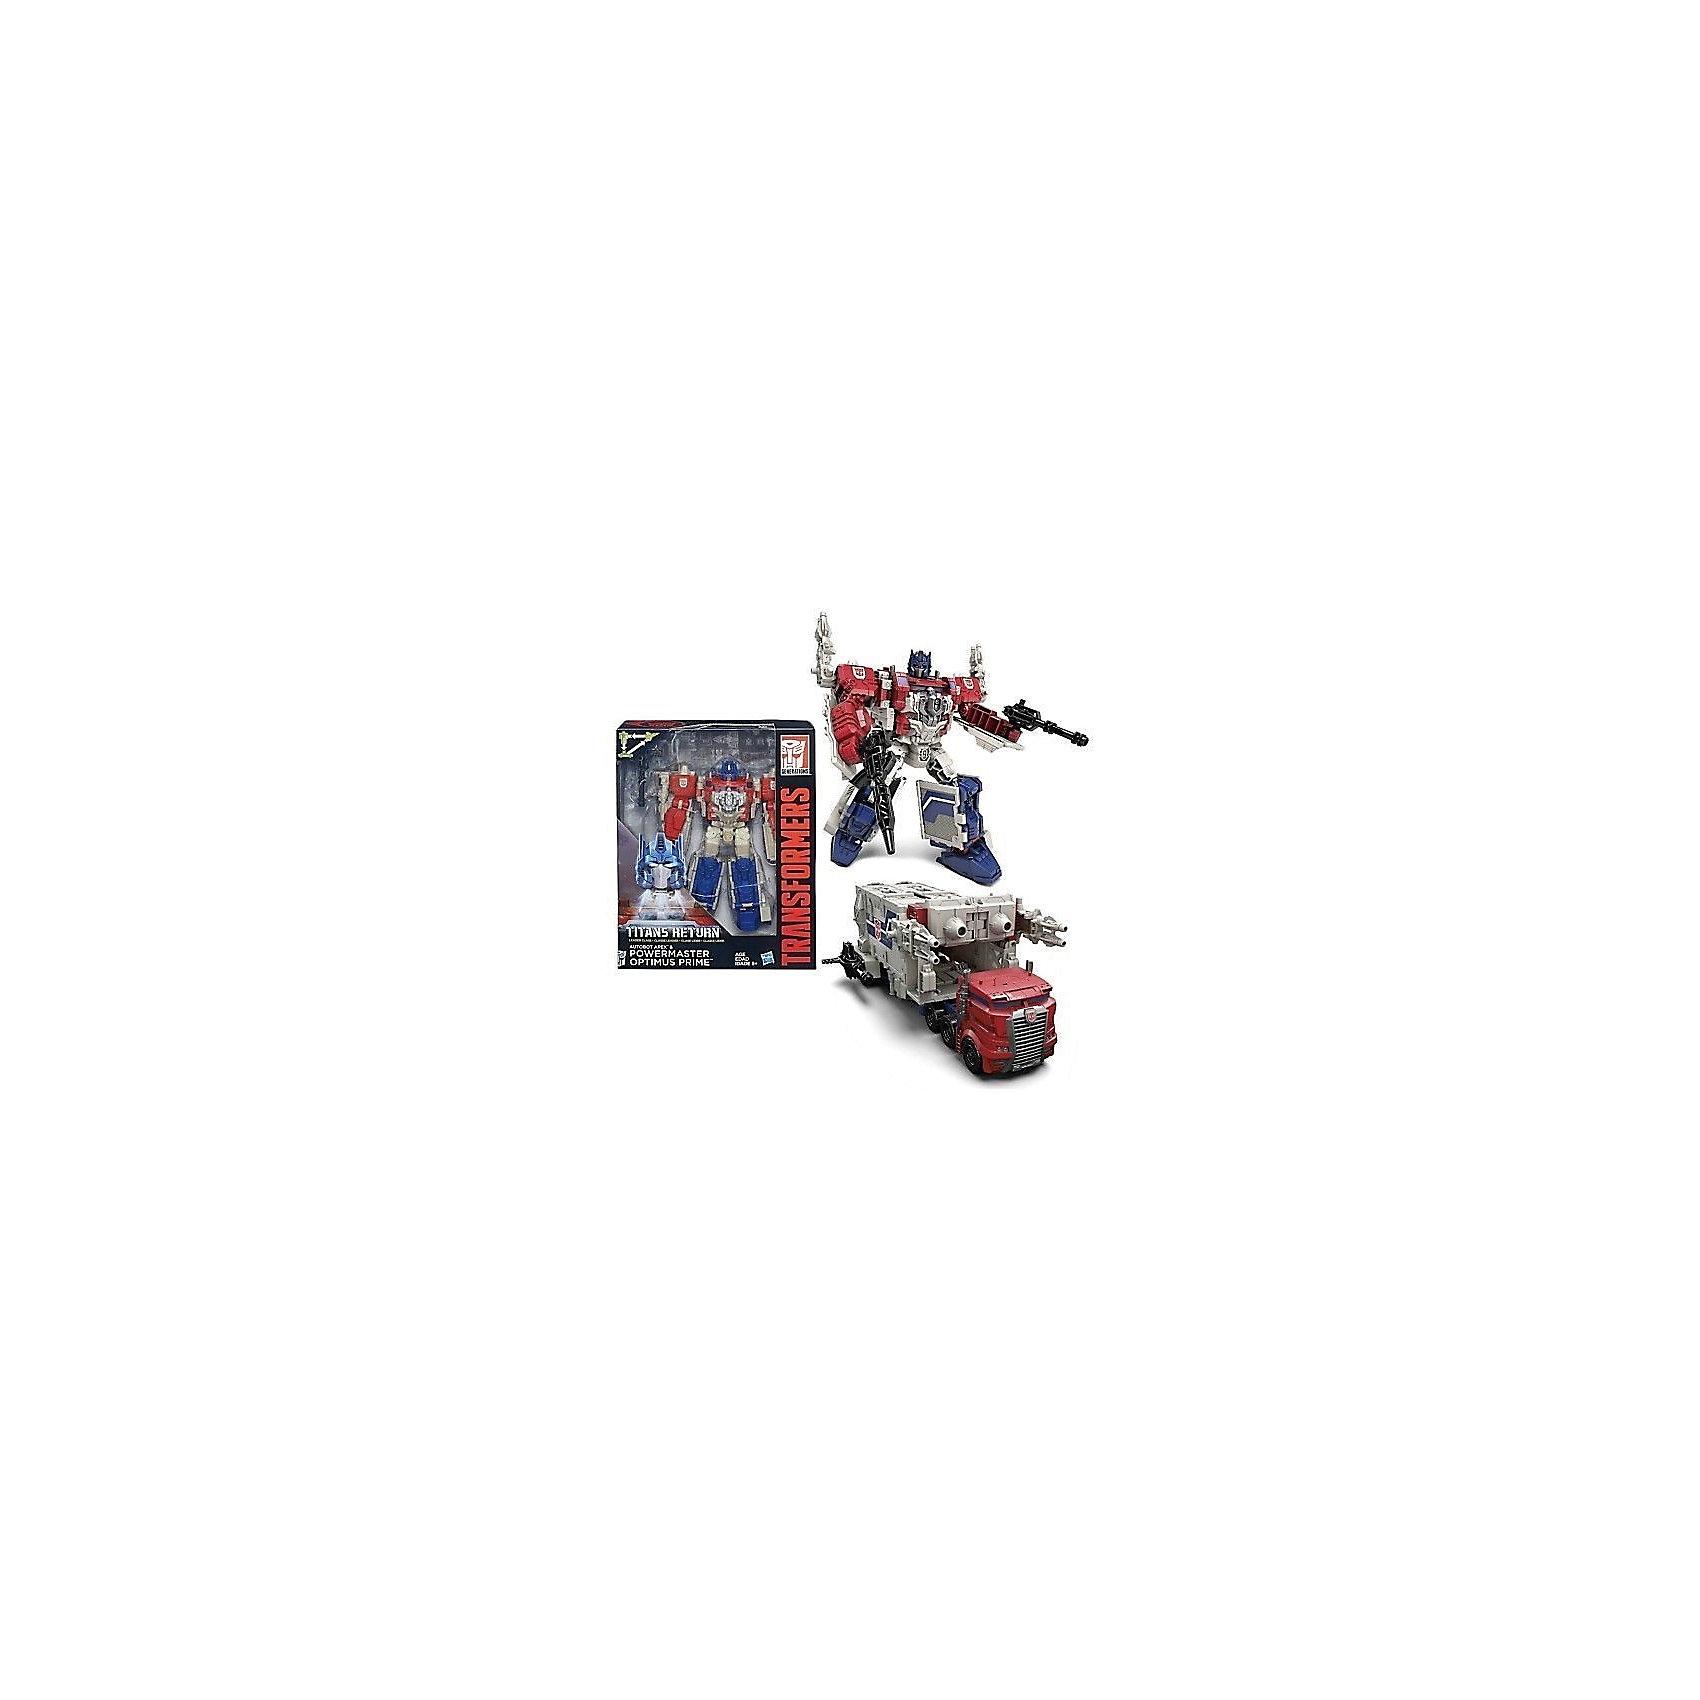 Войны Титанов Лидер, Дженерейшнс, Трансформеры, B7997/B6461Характеристики трансформера Войны Титанов Вояджер, Дженерейшнс Transformers Generations Voyager Titans Return:<br><br>- возраст: от 8 лет<br>- герой: Transformers / Трансформеры<br>- пол: для мальчиков<br>- цвет: красный/серый/синий<br>- комплект: фигурка-трансформер, аксессуары.<br>- материал: пластик<br>- размер упаковки: 10.3 * 31.6 * 25.4 см.<br>- упаковка: блистер на картоне.<br>- страна обладатель бренда: США.<br><br>Трансформер серии Generations Combiner Wars Voyager от Hasbro, станет любимой игрушкой для юного любителя роботов и техники. Робот-трансформер знаменитый персонаж популярного фильма и мультфильма выглядит весьма внушительно и даже устрашающе, поражает его размер. У игрушки достаточно сложная, но невероятно занимательная трансформация!<br><br>Трансформер Войны Титанов Вояджер, Дженерейшнс (Transformers Generations Voyager Titans Return) торговой марки Hasbro (Хасбо) можно купить в нашем интернет-магазине<br><br>Ширина мм: 103<br>Глубина мм: 254<br>Высота мм: 2500<br>Вес г: 641<br>Возраст от месяцев: 96<br>Возраст до месяцев: 144<br>Пол: Мужской<br>Возраст: Детский<br>SKU: 5064764